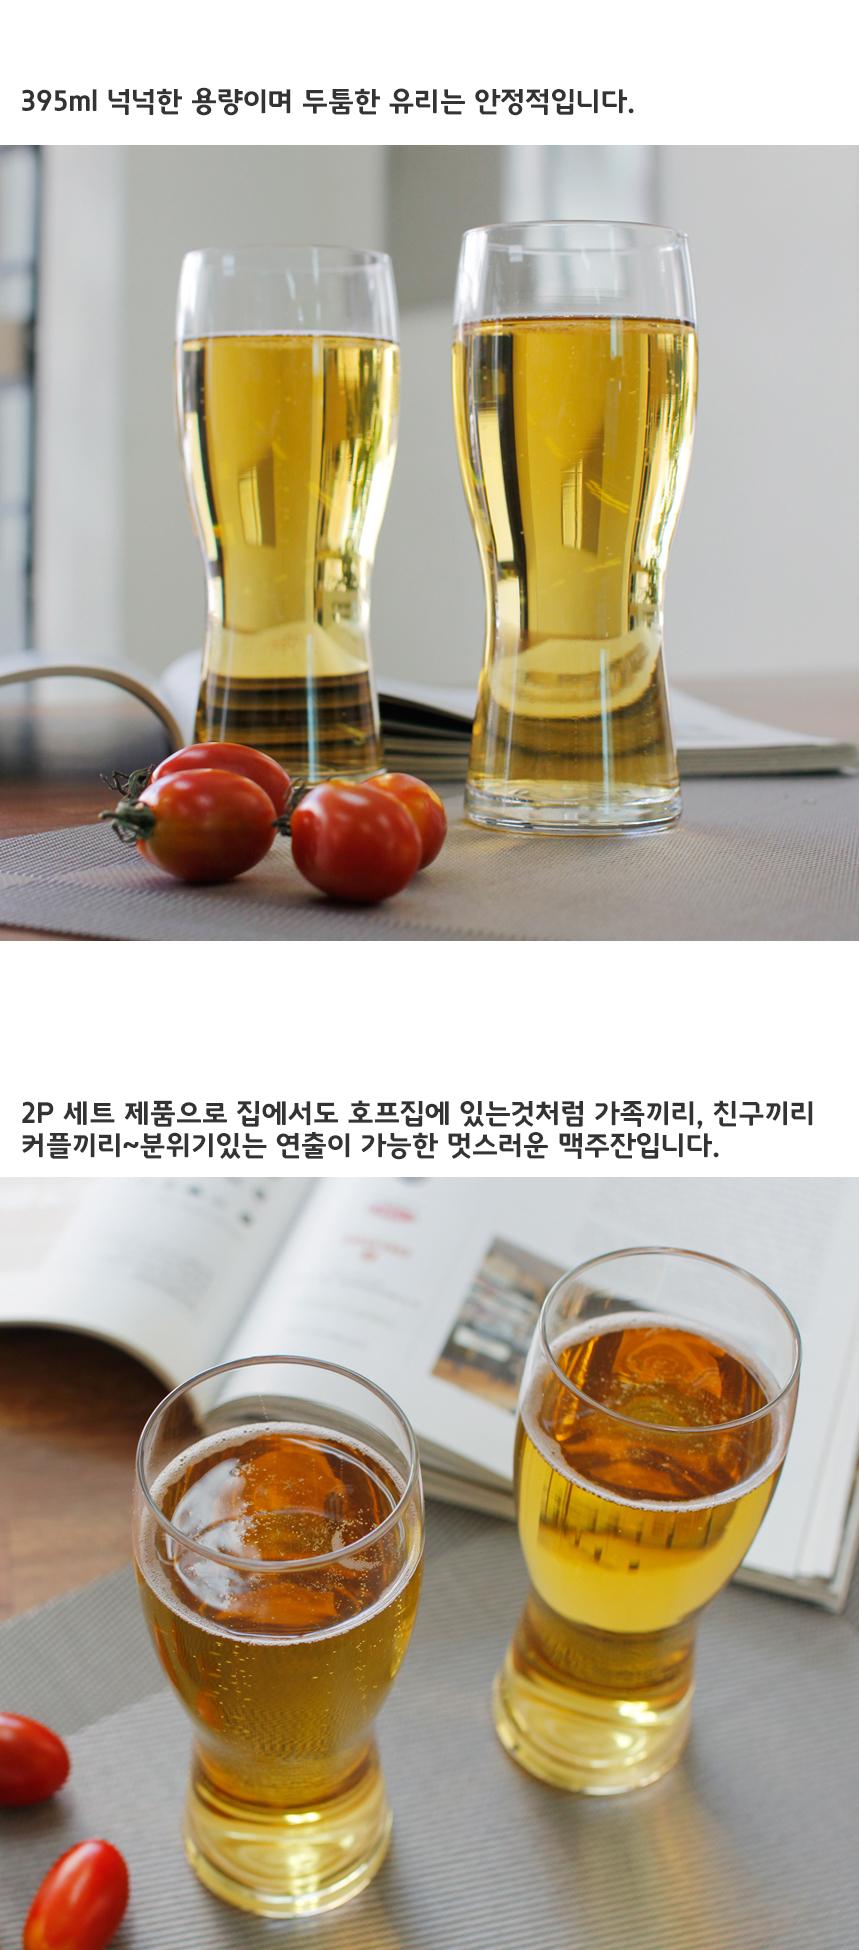 보르고노보 코블랜즈 맥주잔 395ml 2P세트 - 김씨하우스, 10,700원, 유리컵/술잔, 유리컵